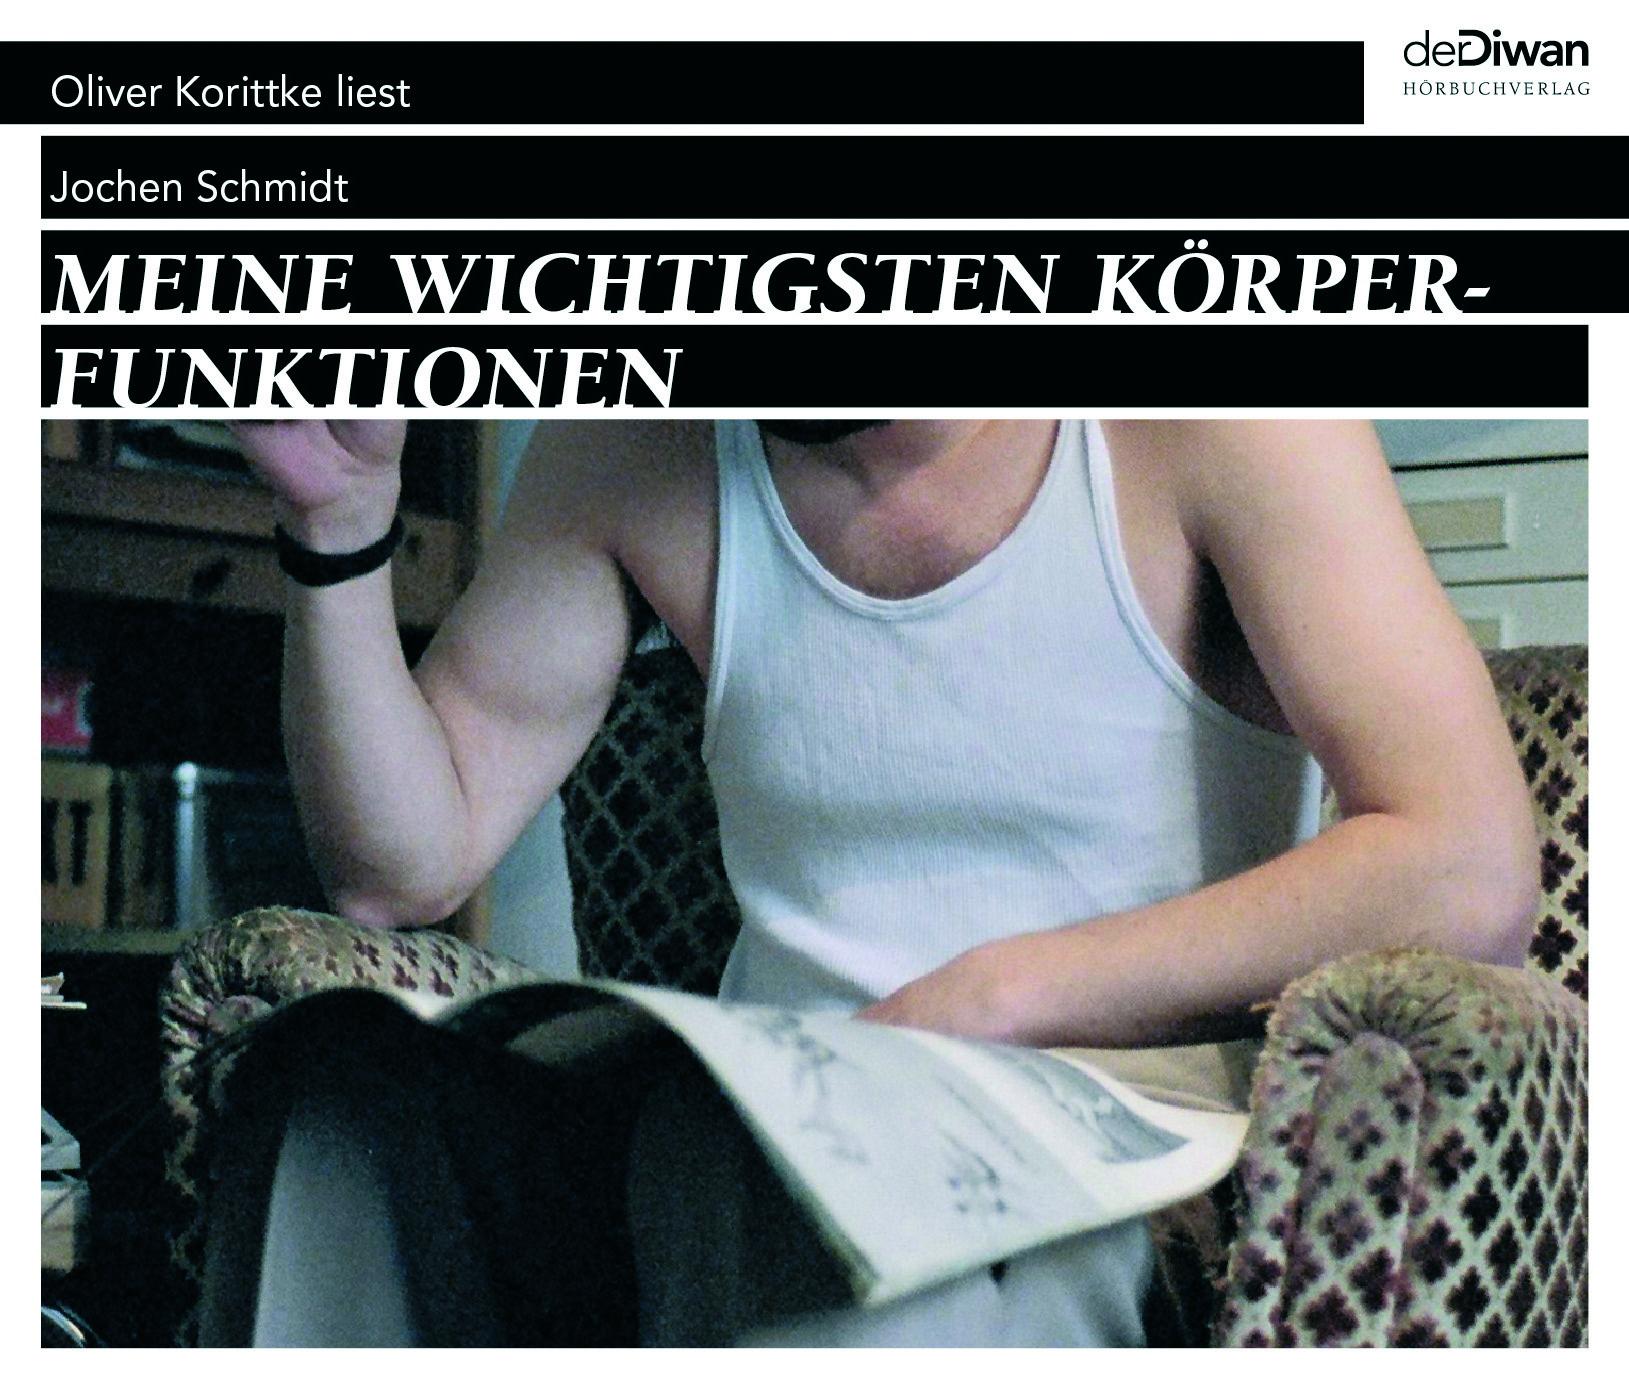 Oliver Korittke liest Jochen Schmidt <BR> MEINE WICHTIGSTEN KÖRPERFUNKTIONEN